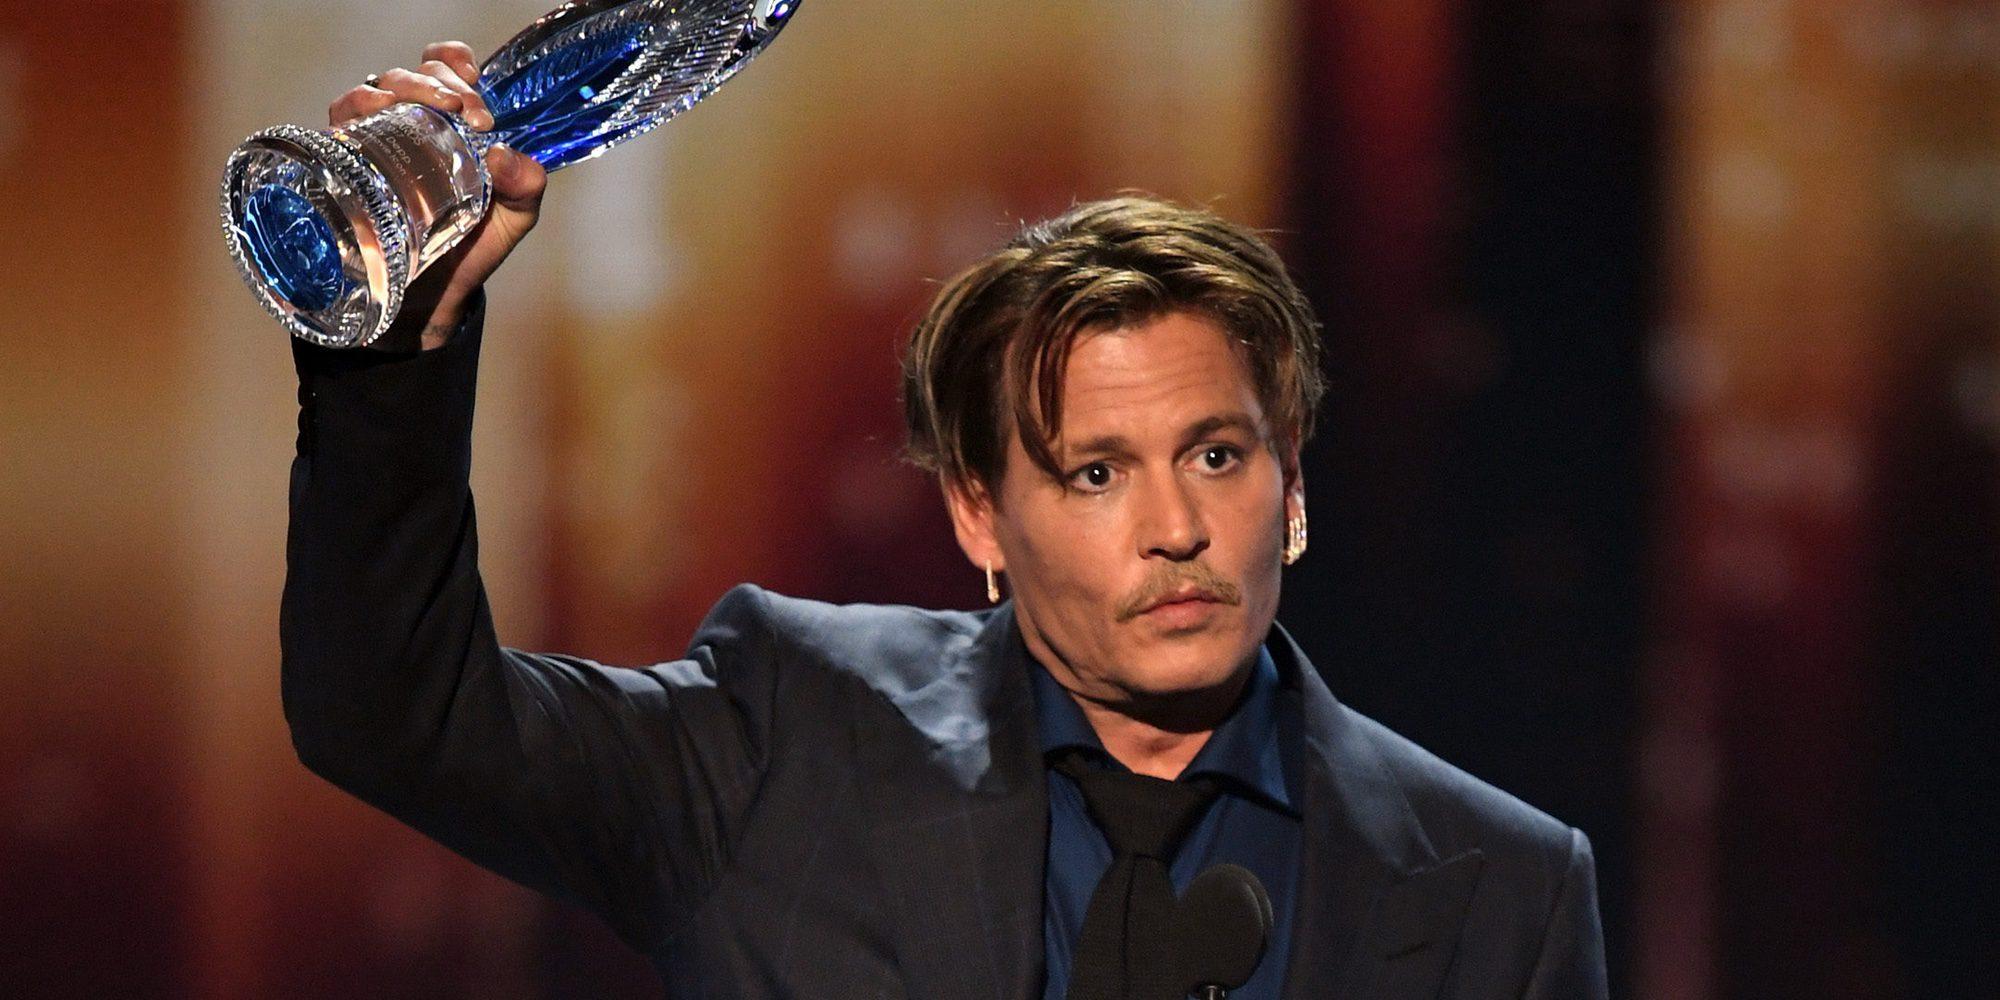 Johnny Depp agradece el apoyo recibido en su duro divorcio de Amber Heard en los People's Choice Awards 2017